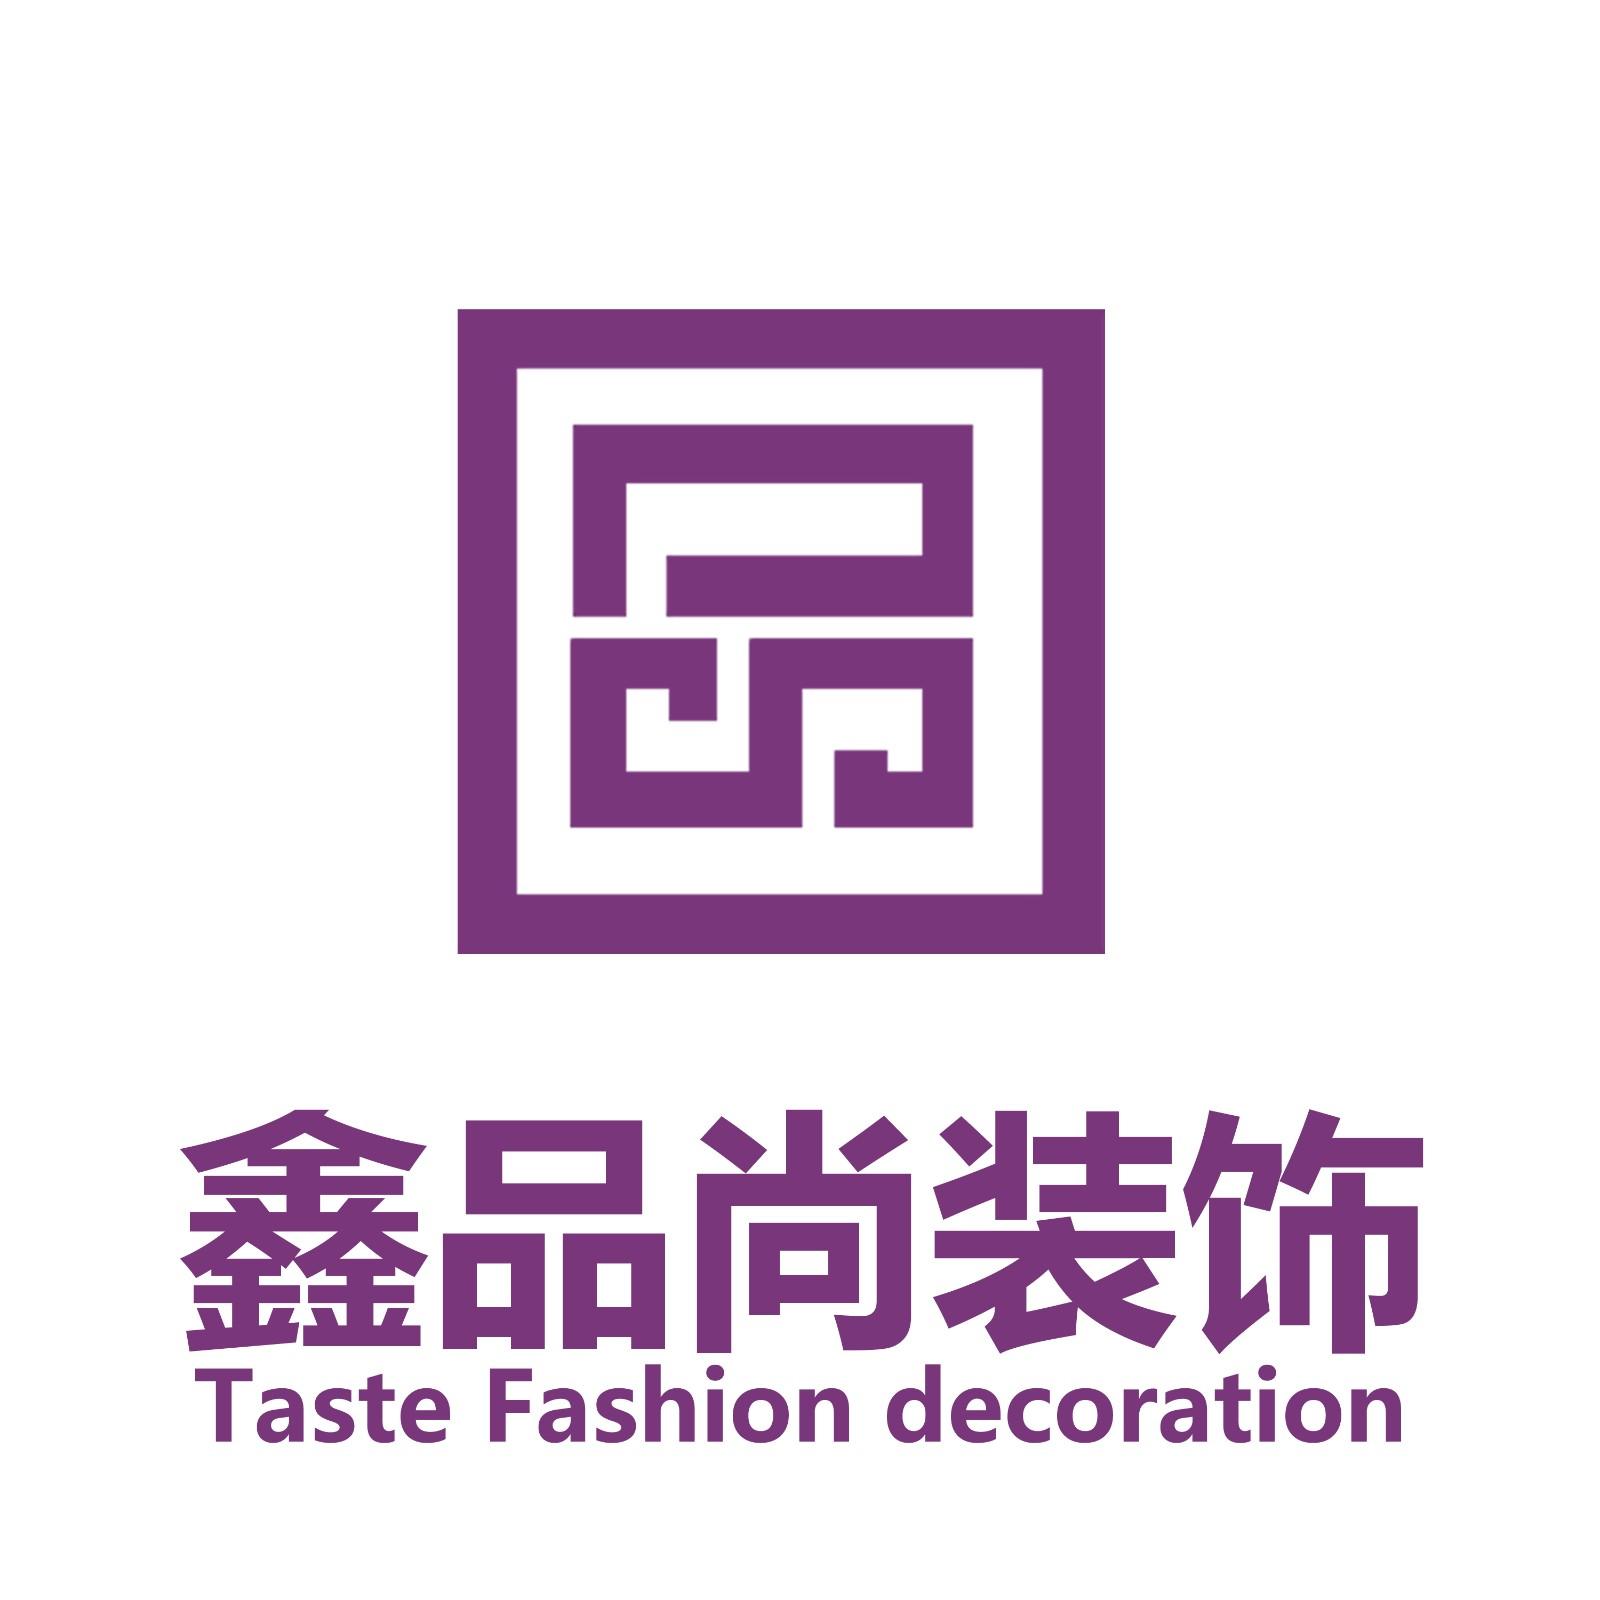 山西鑫品尚装饰工程有限公司 - 太原装修公司